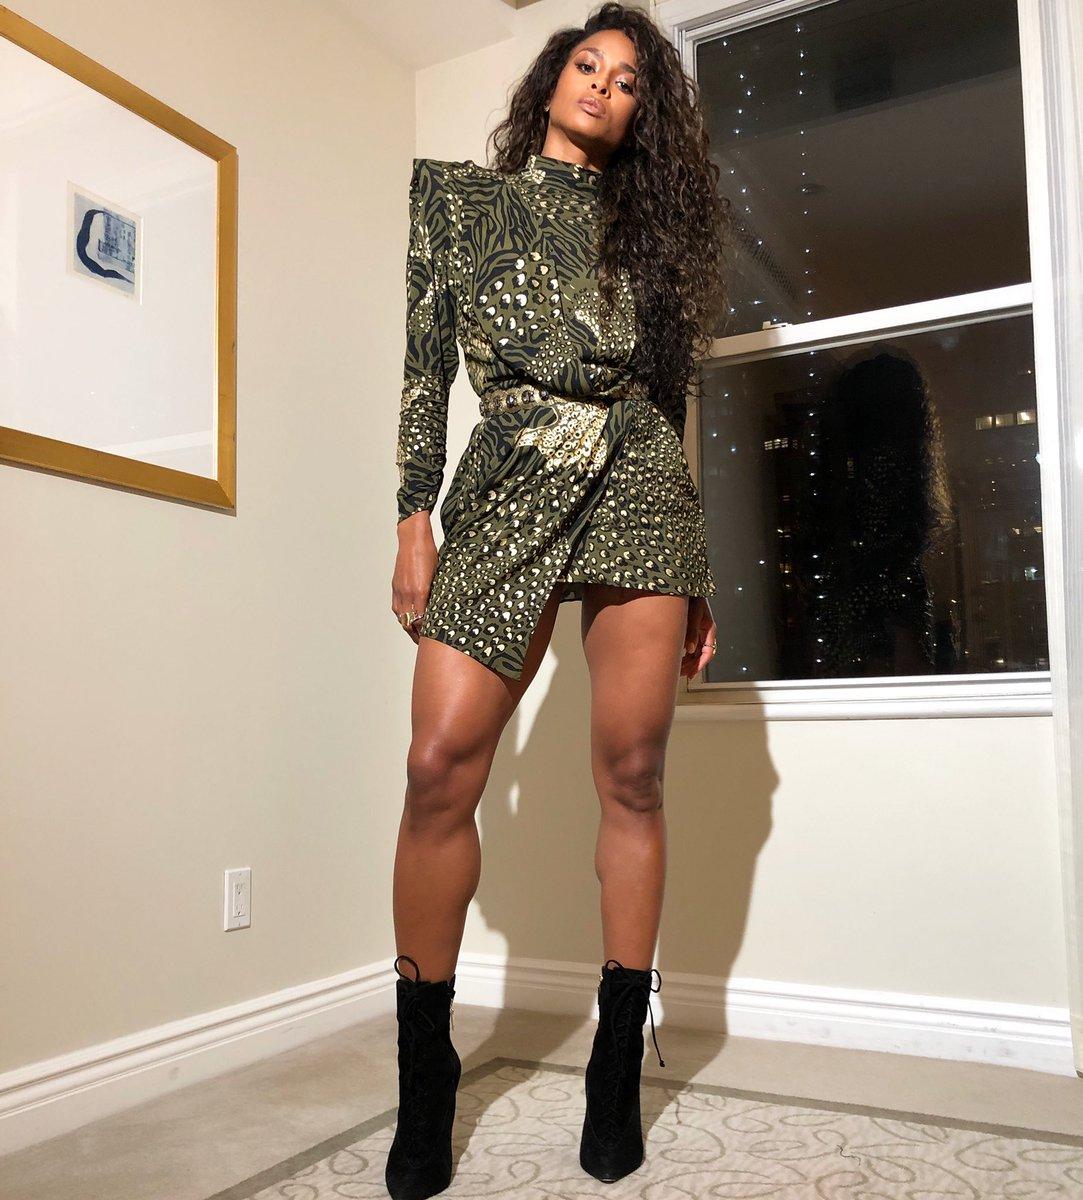 About last night... Dundas dress. https://t.co/QgshFqEBMH